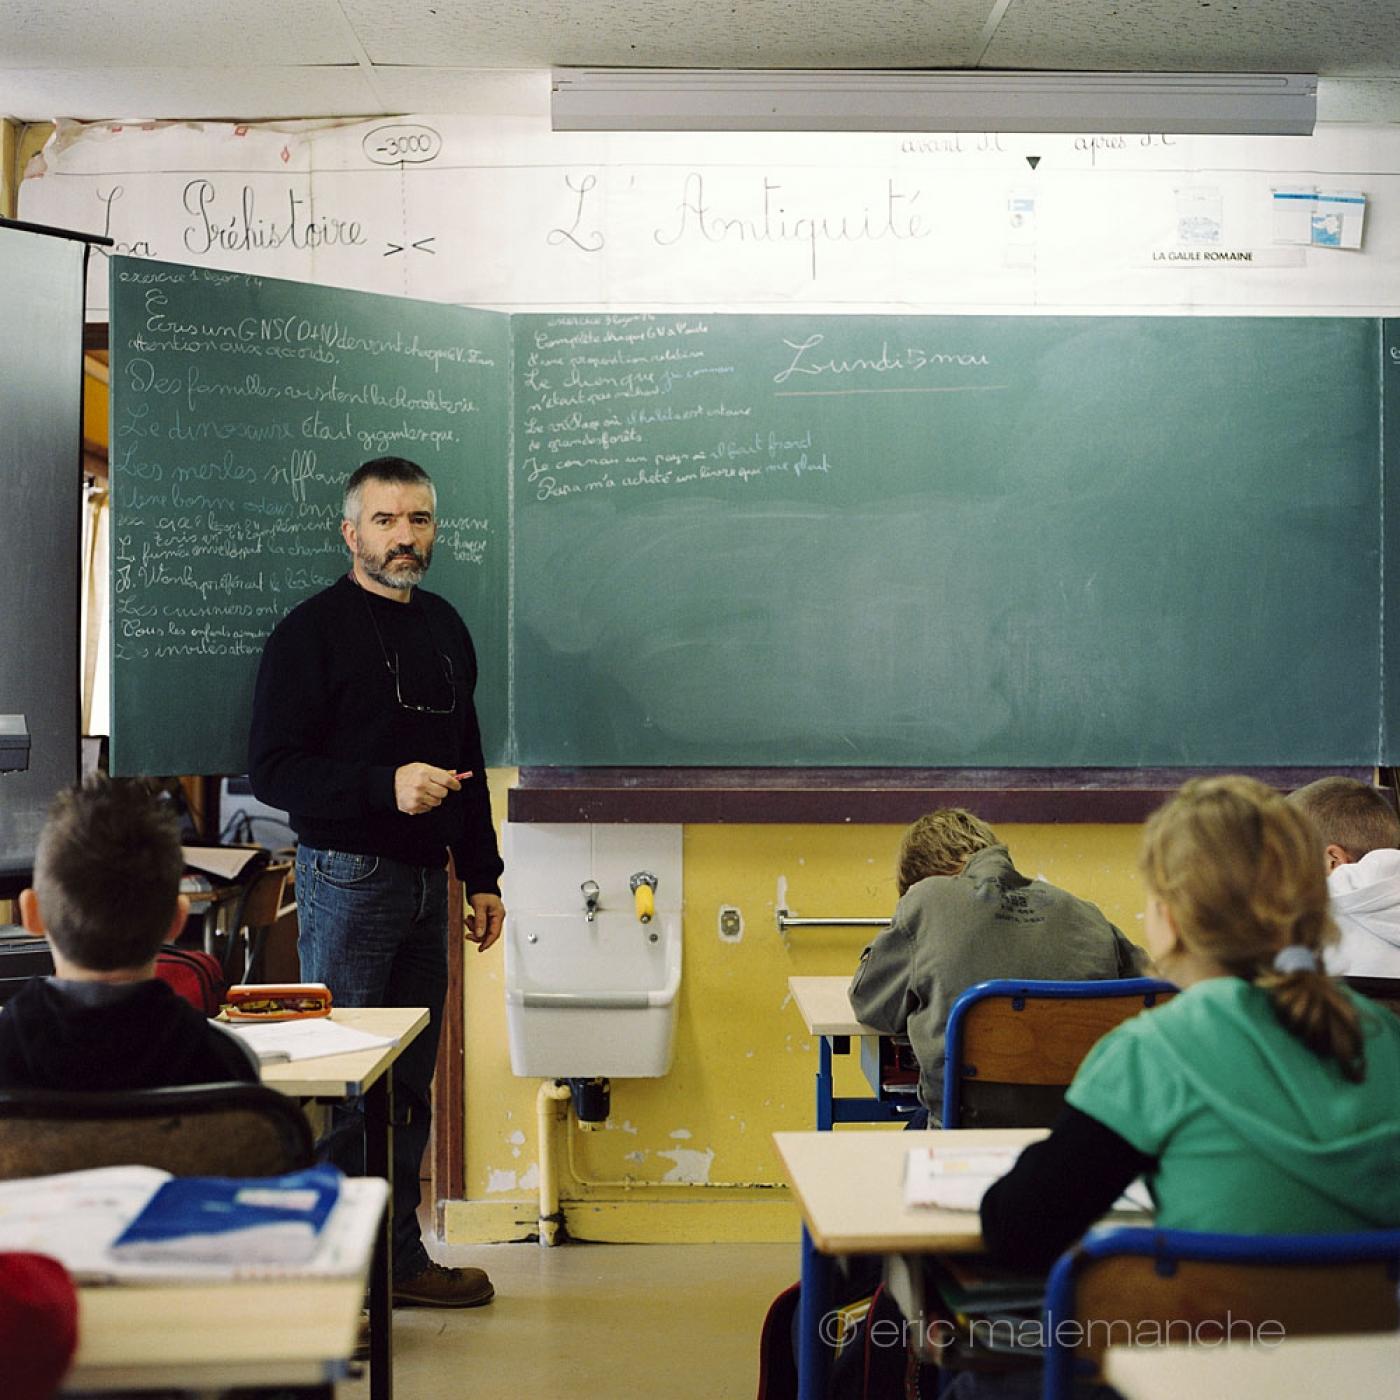 https://www.ericmalemanche.com/imagess/topics/les-bretons-de-l-argoat/liste/Portraits-sociaux-bretagne.jpg